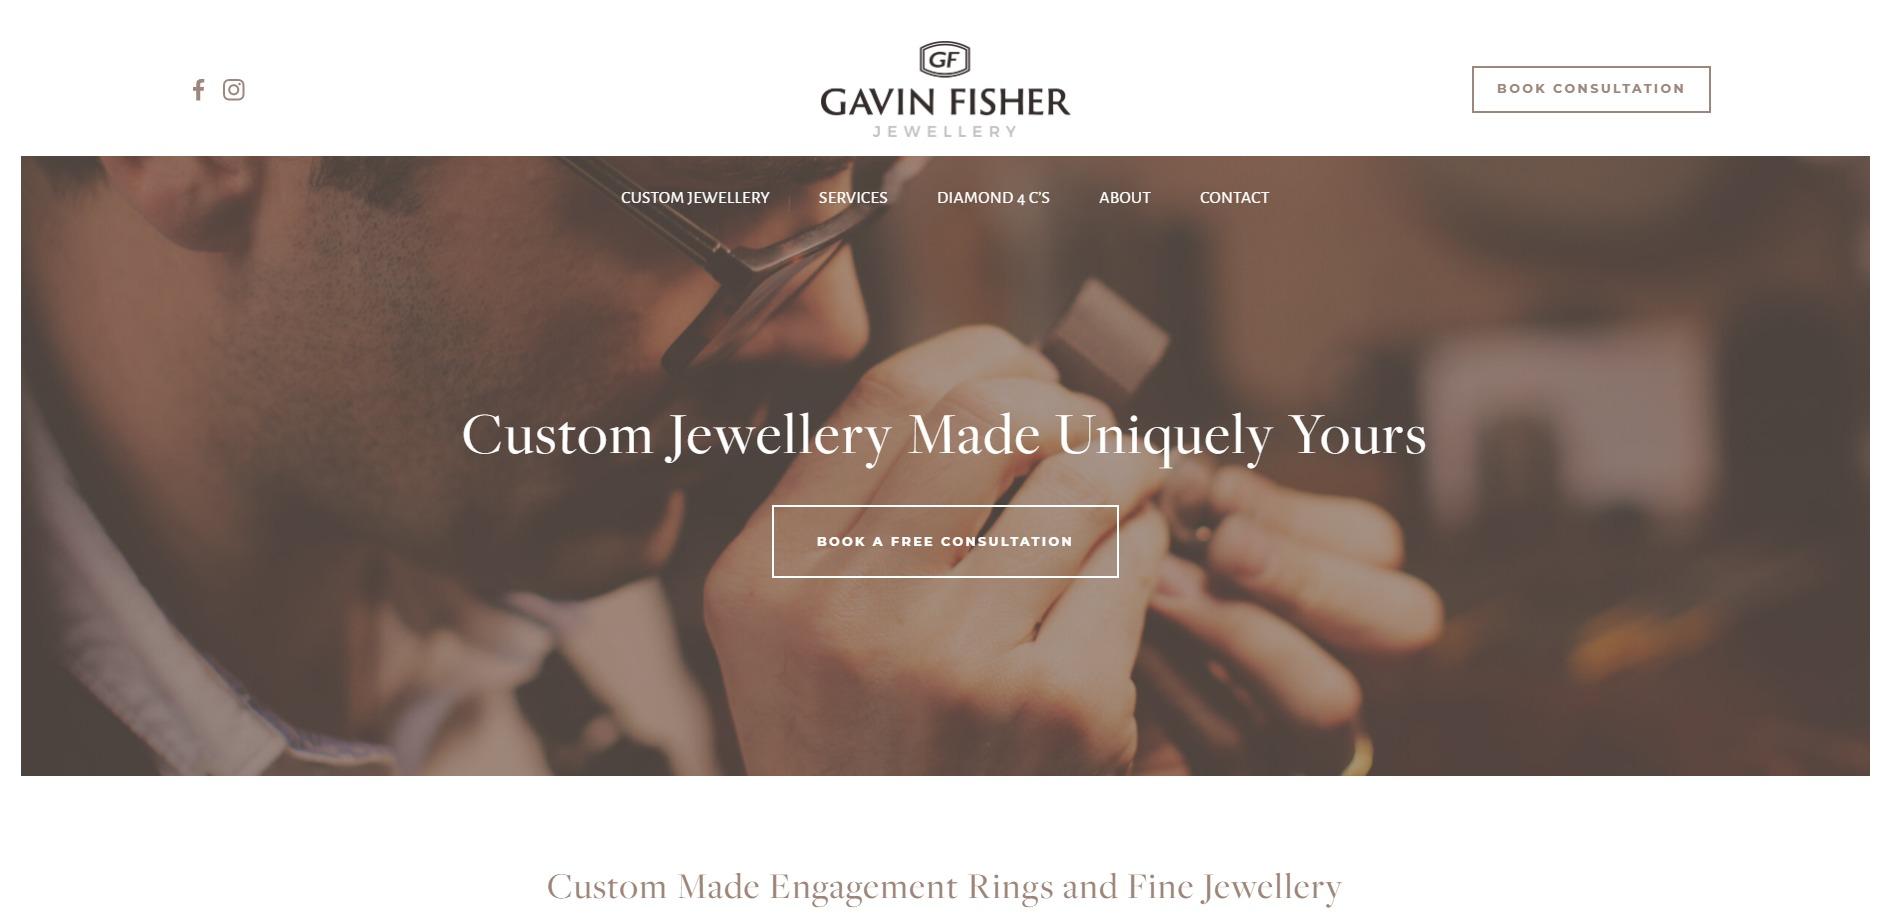 Gavin Fisher